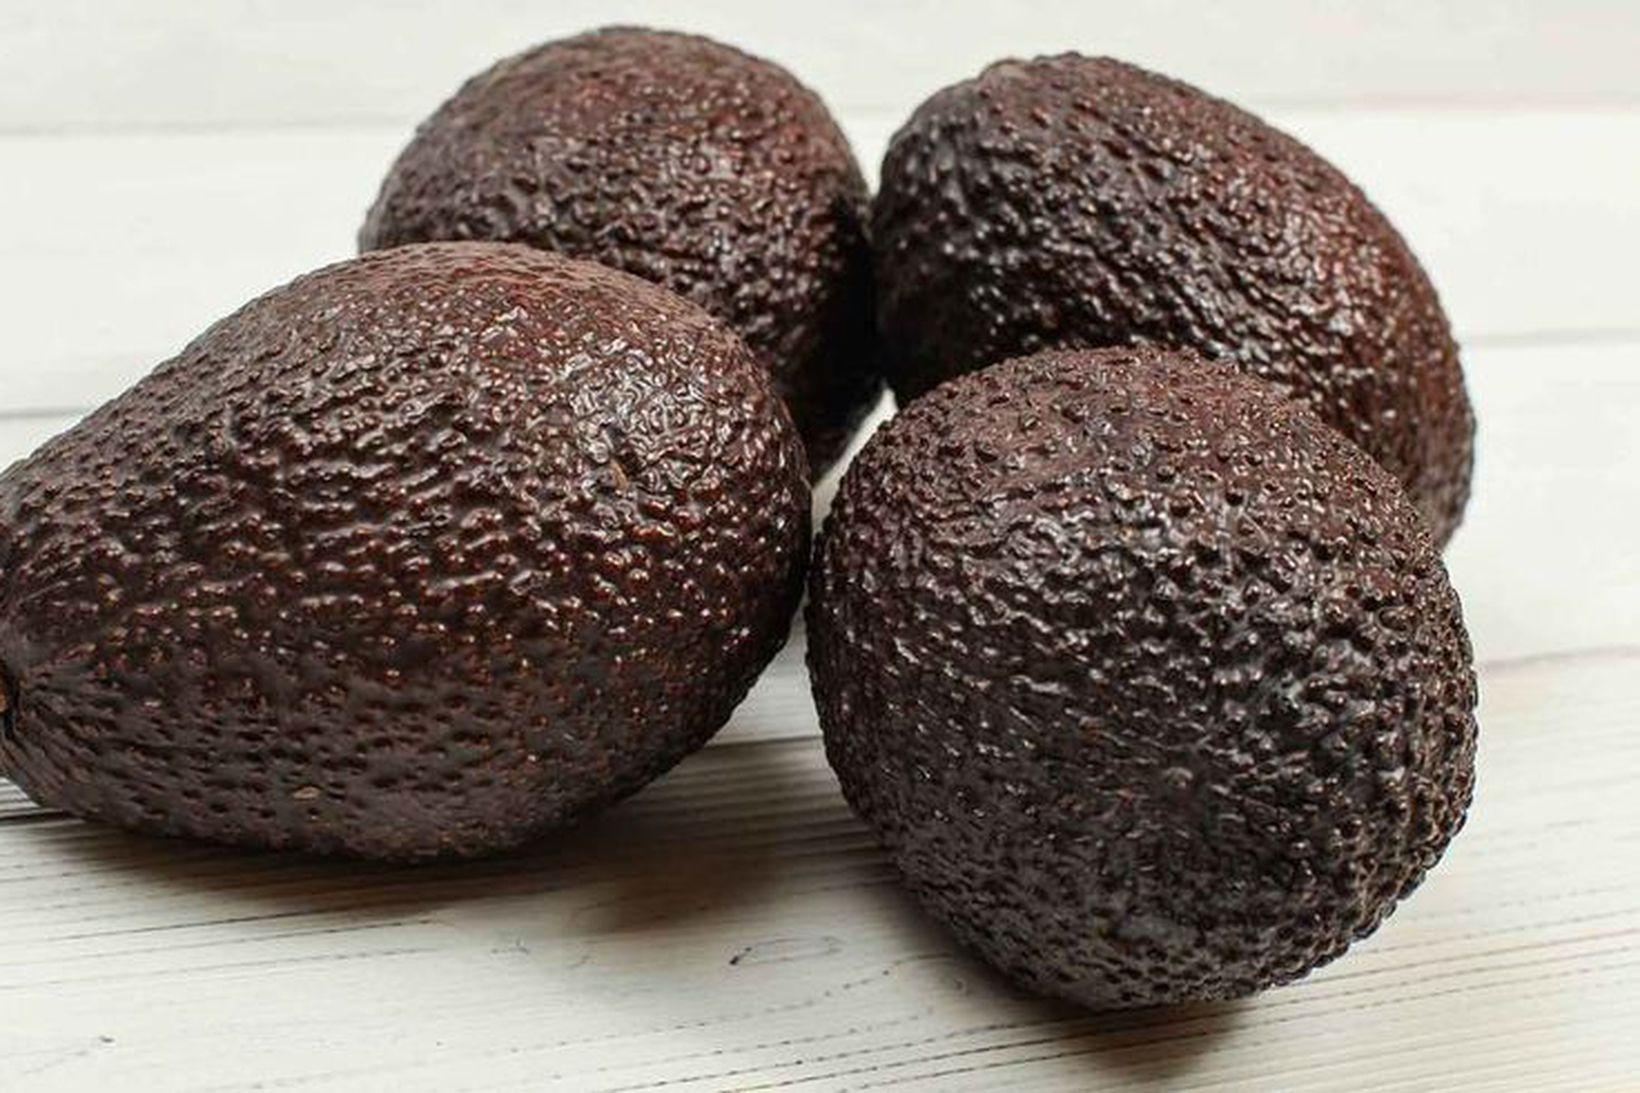 Við erum að skera avocado kolvitlaust.